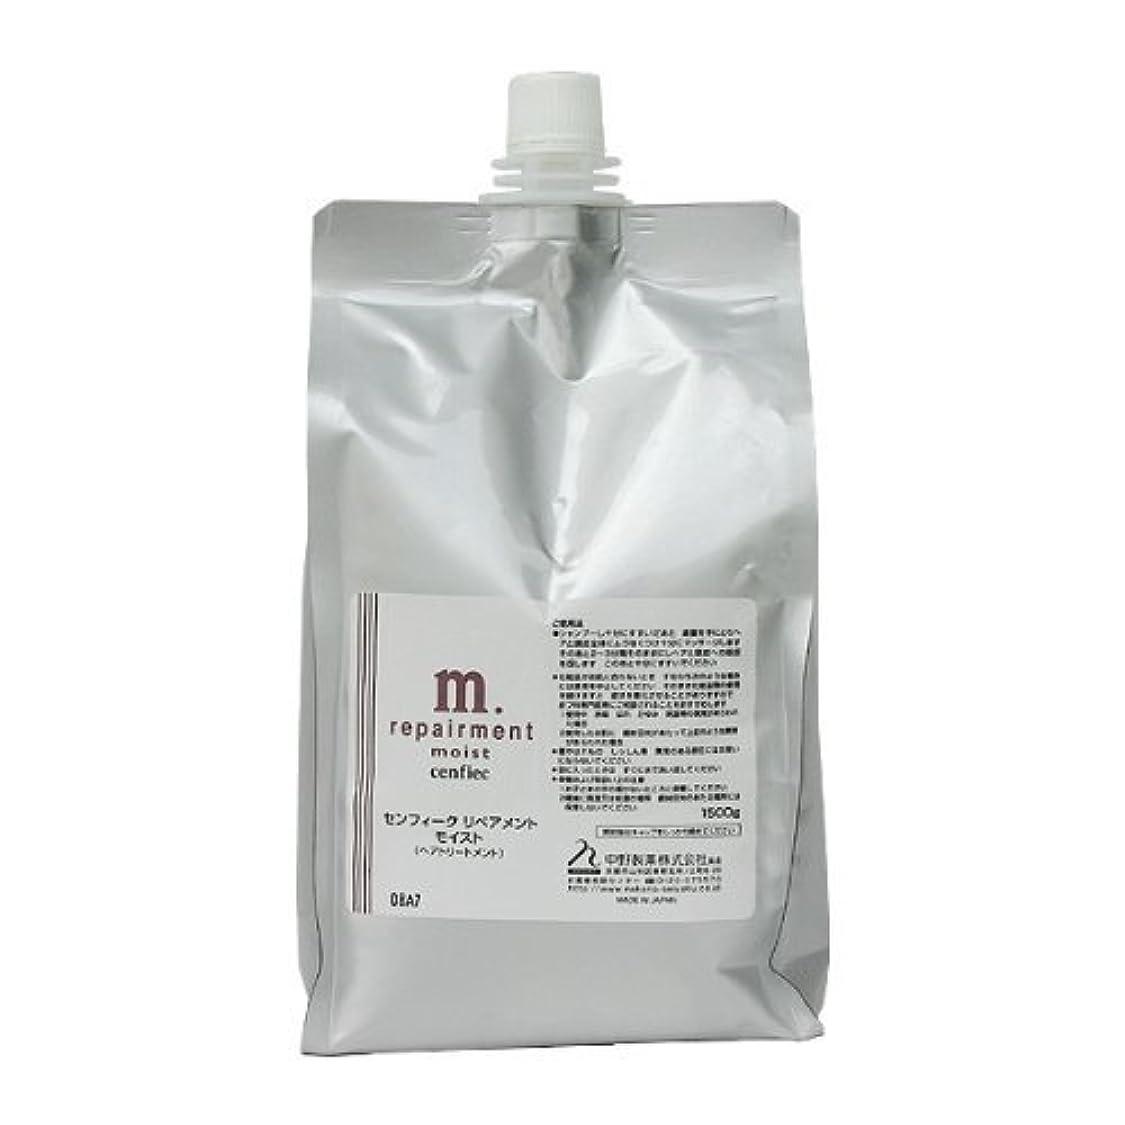 控えめな家事をする典型的な中野製薬 センフィーク リペアメント モイスト レフィル 容量1500g